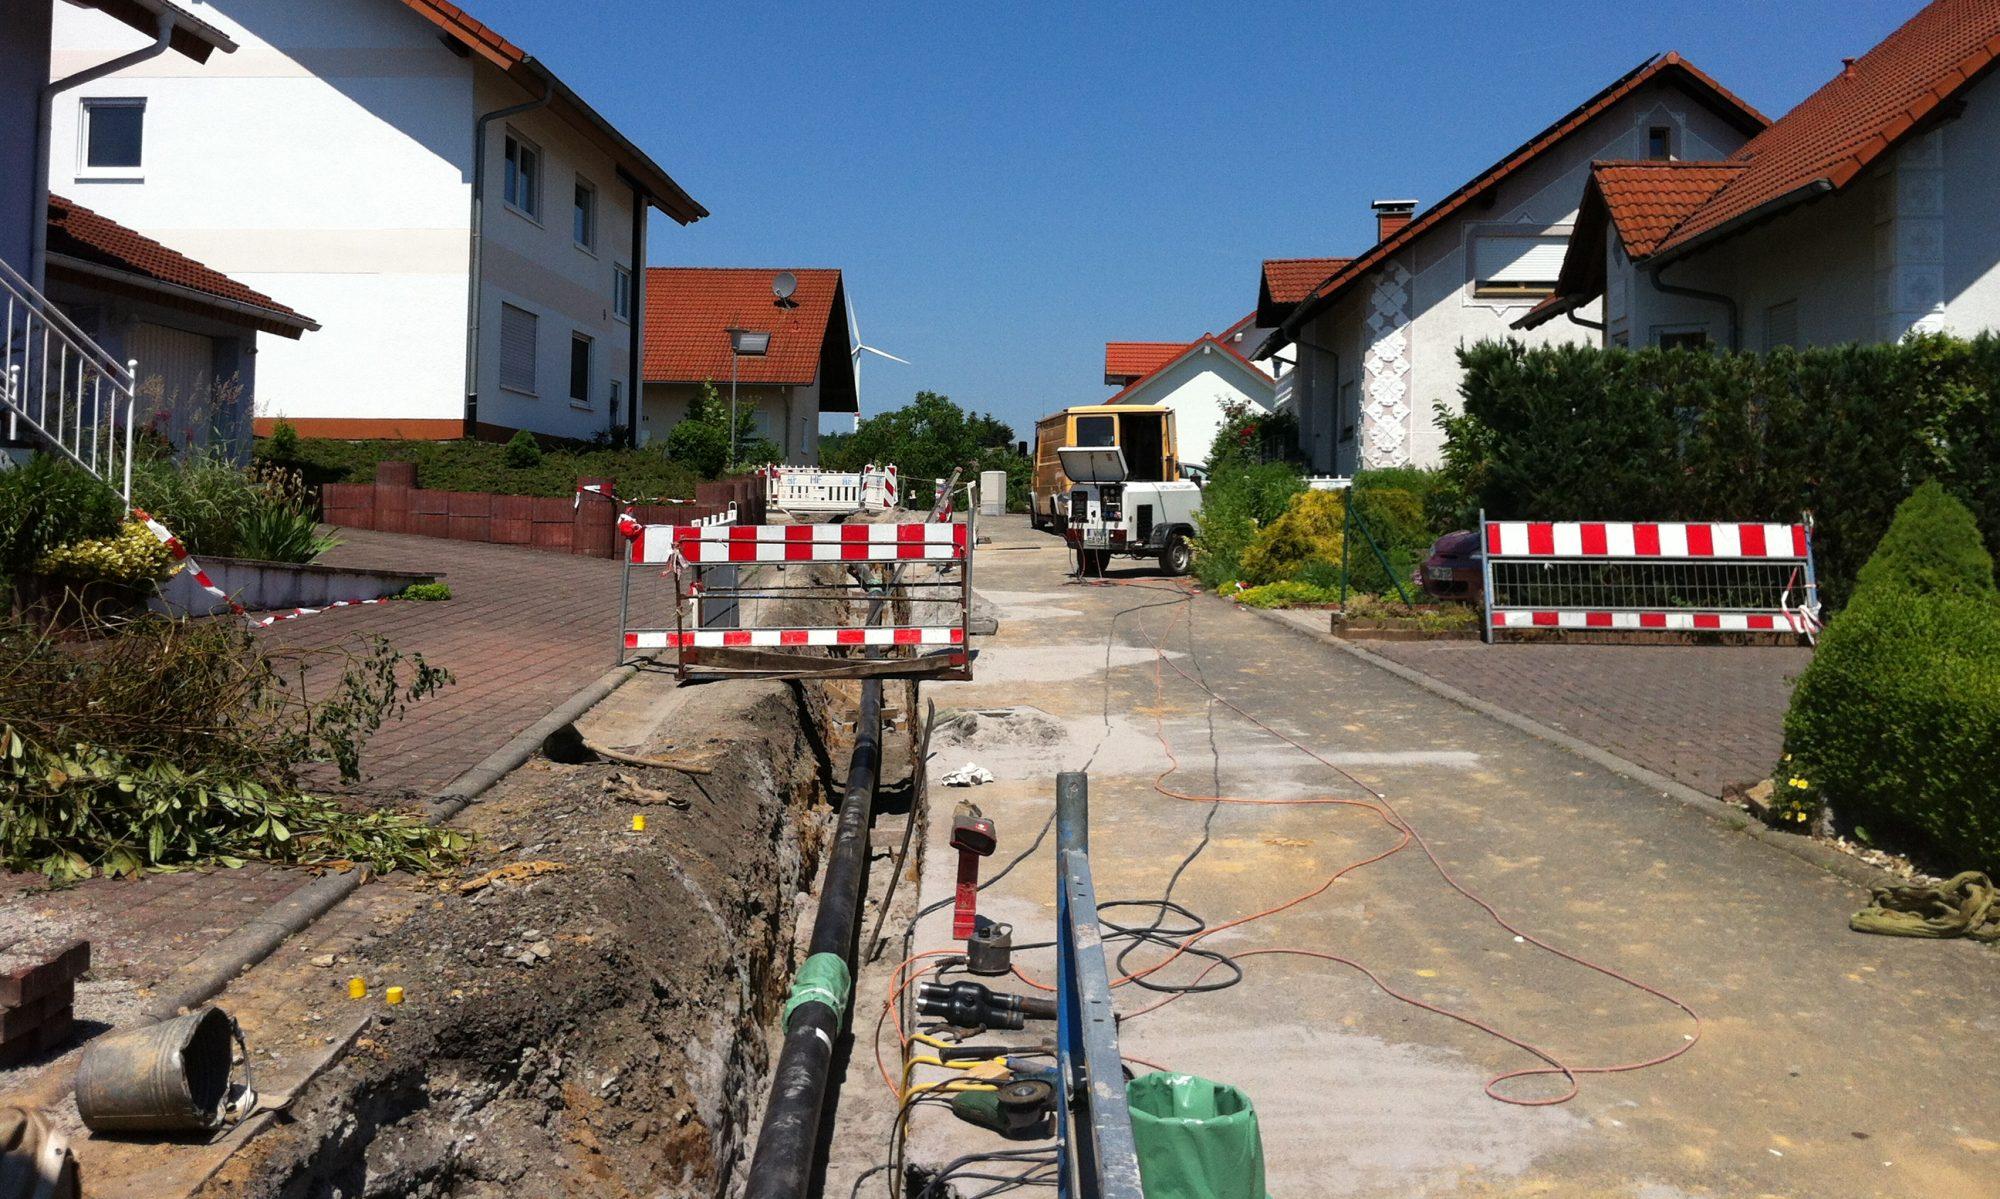 Bürger-Energie Großeicholzheim eG